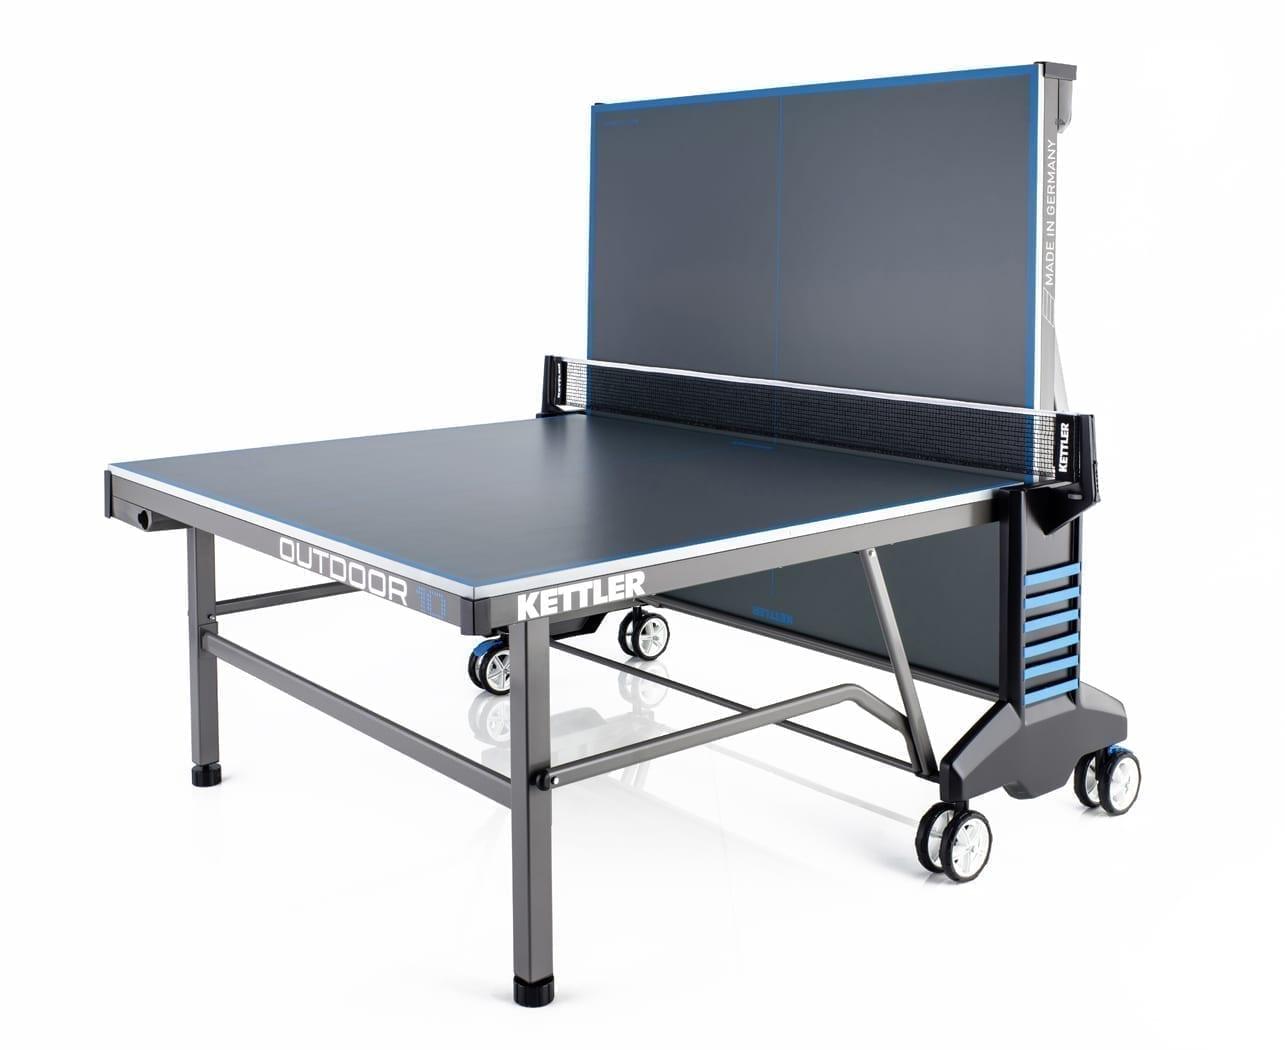 Kettler Outdoor 10 Table Tennis Table Games For Fun